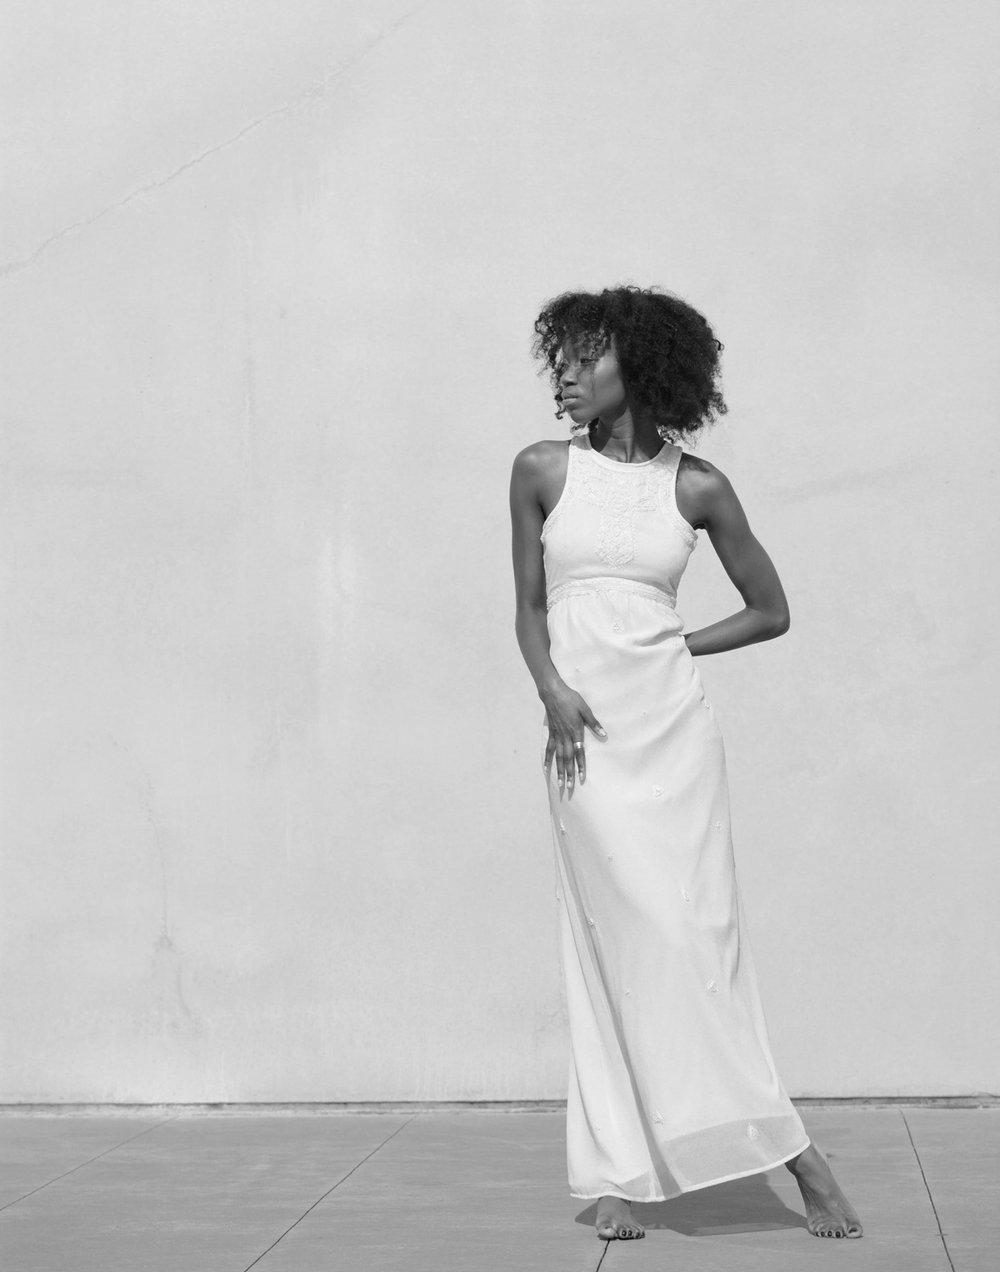 20141108-Natalia-Colichon-Editorial-0117.jpg